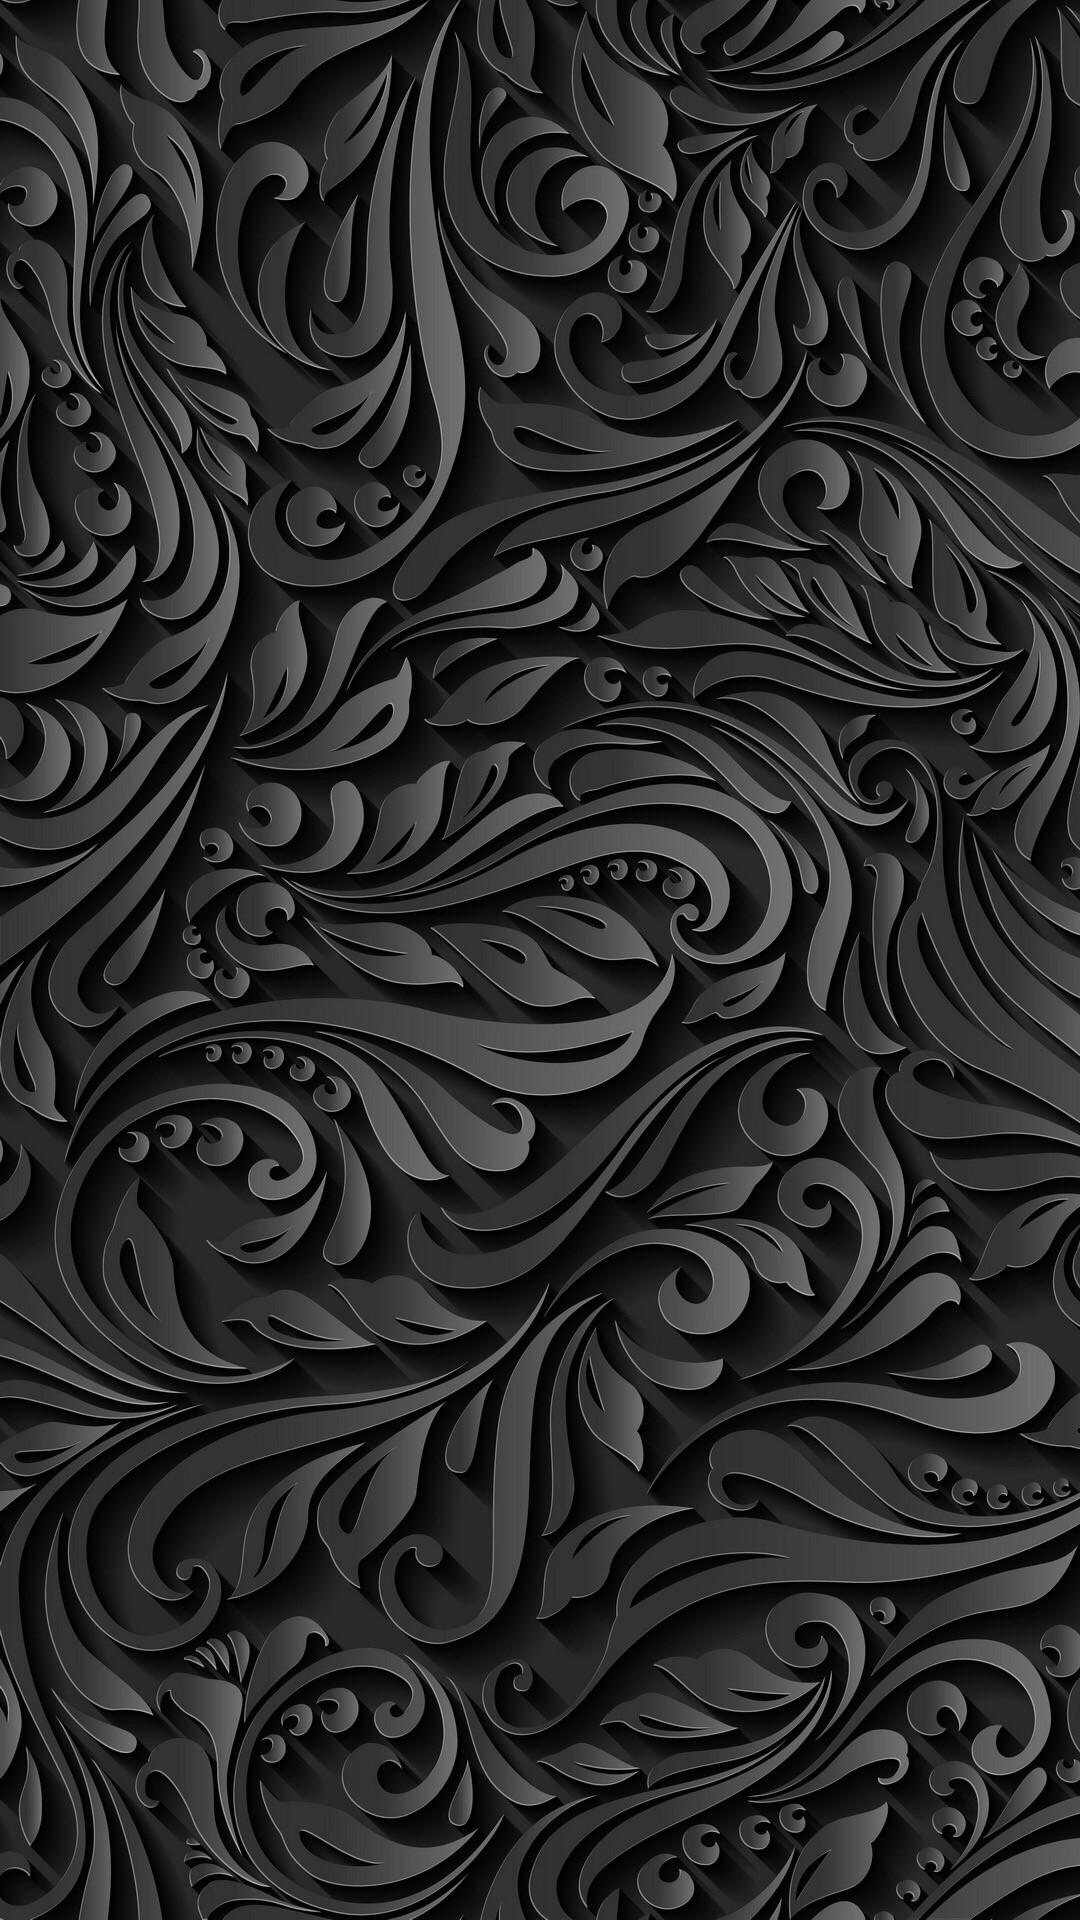 black lace wallpaper 45 images